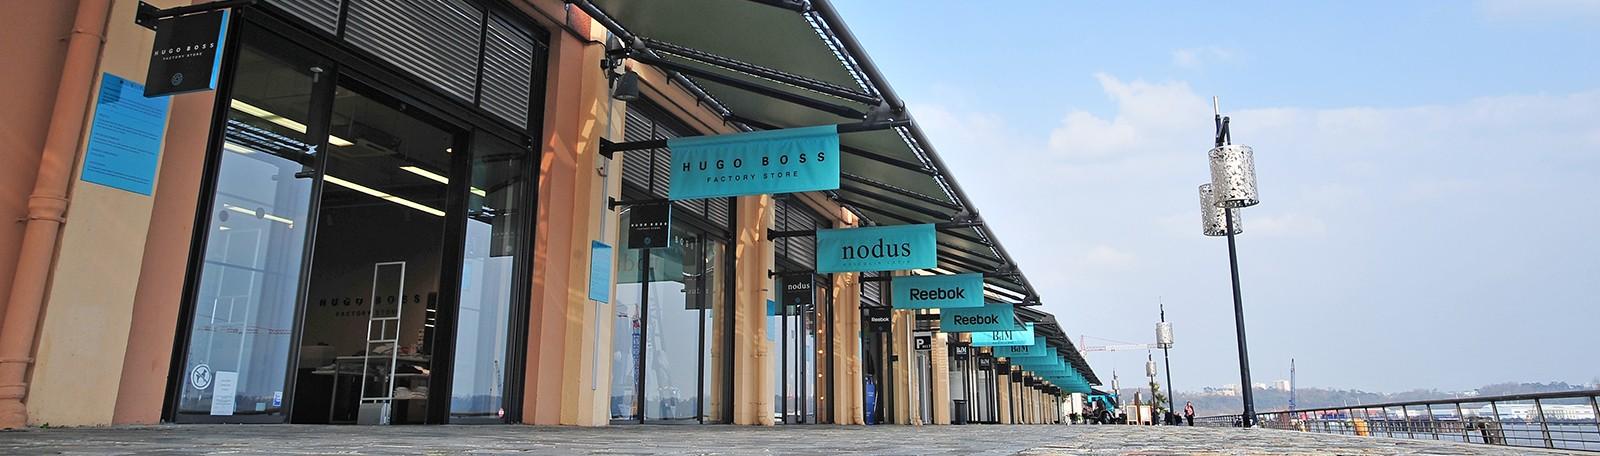 Q-Park Quai des Marques - 114 Quai des Chartrons 33300 Bordeaux